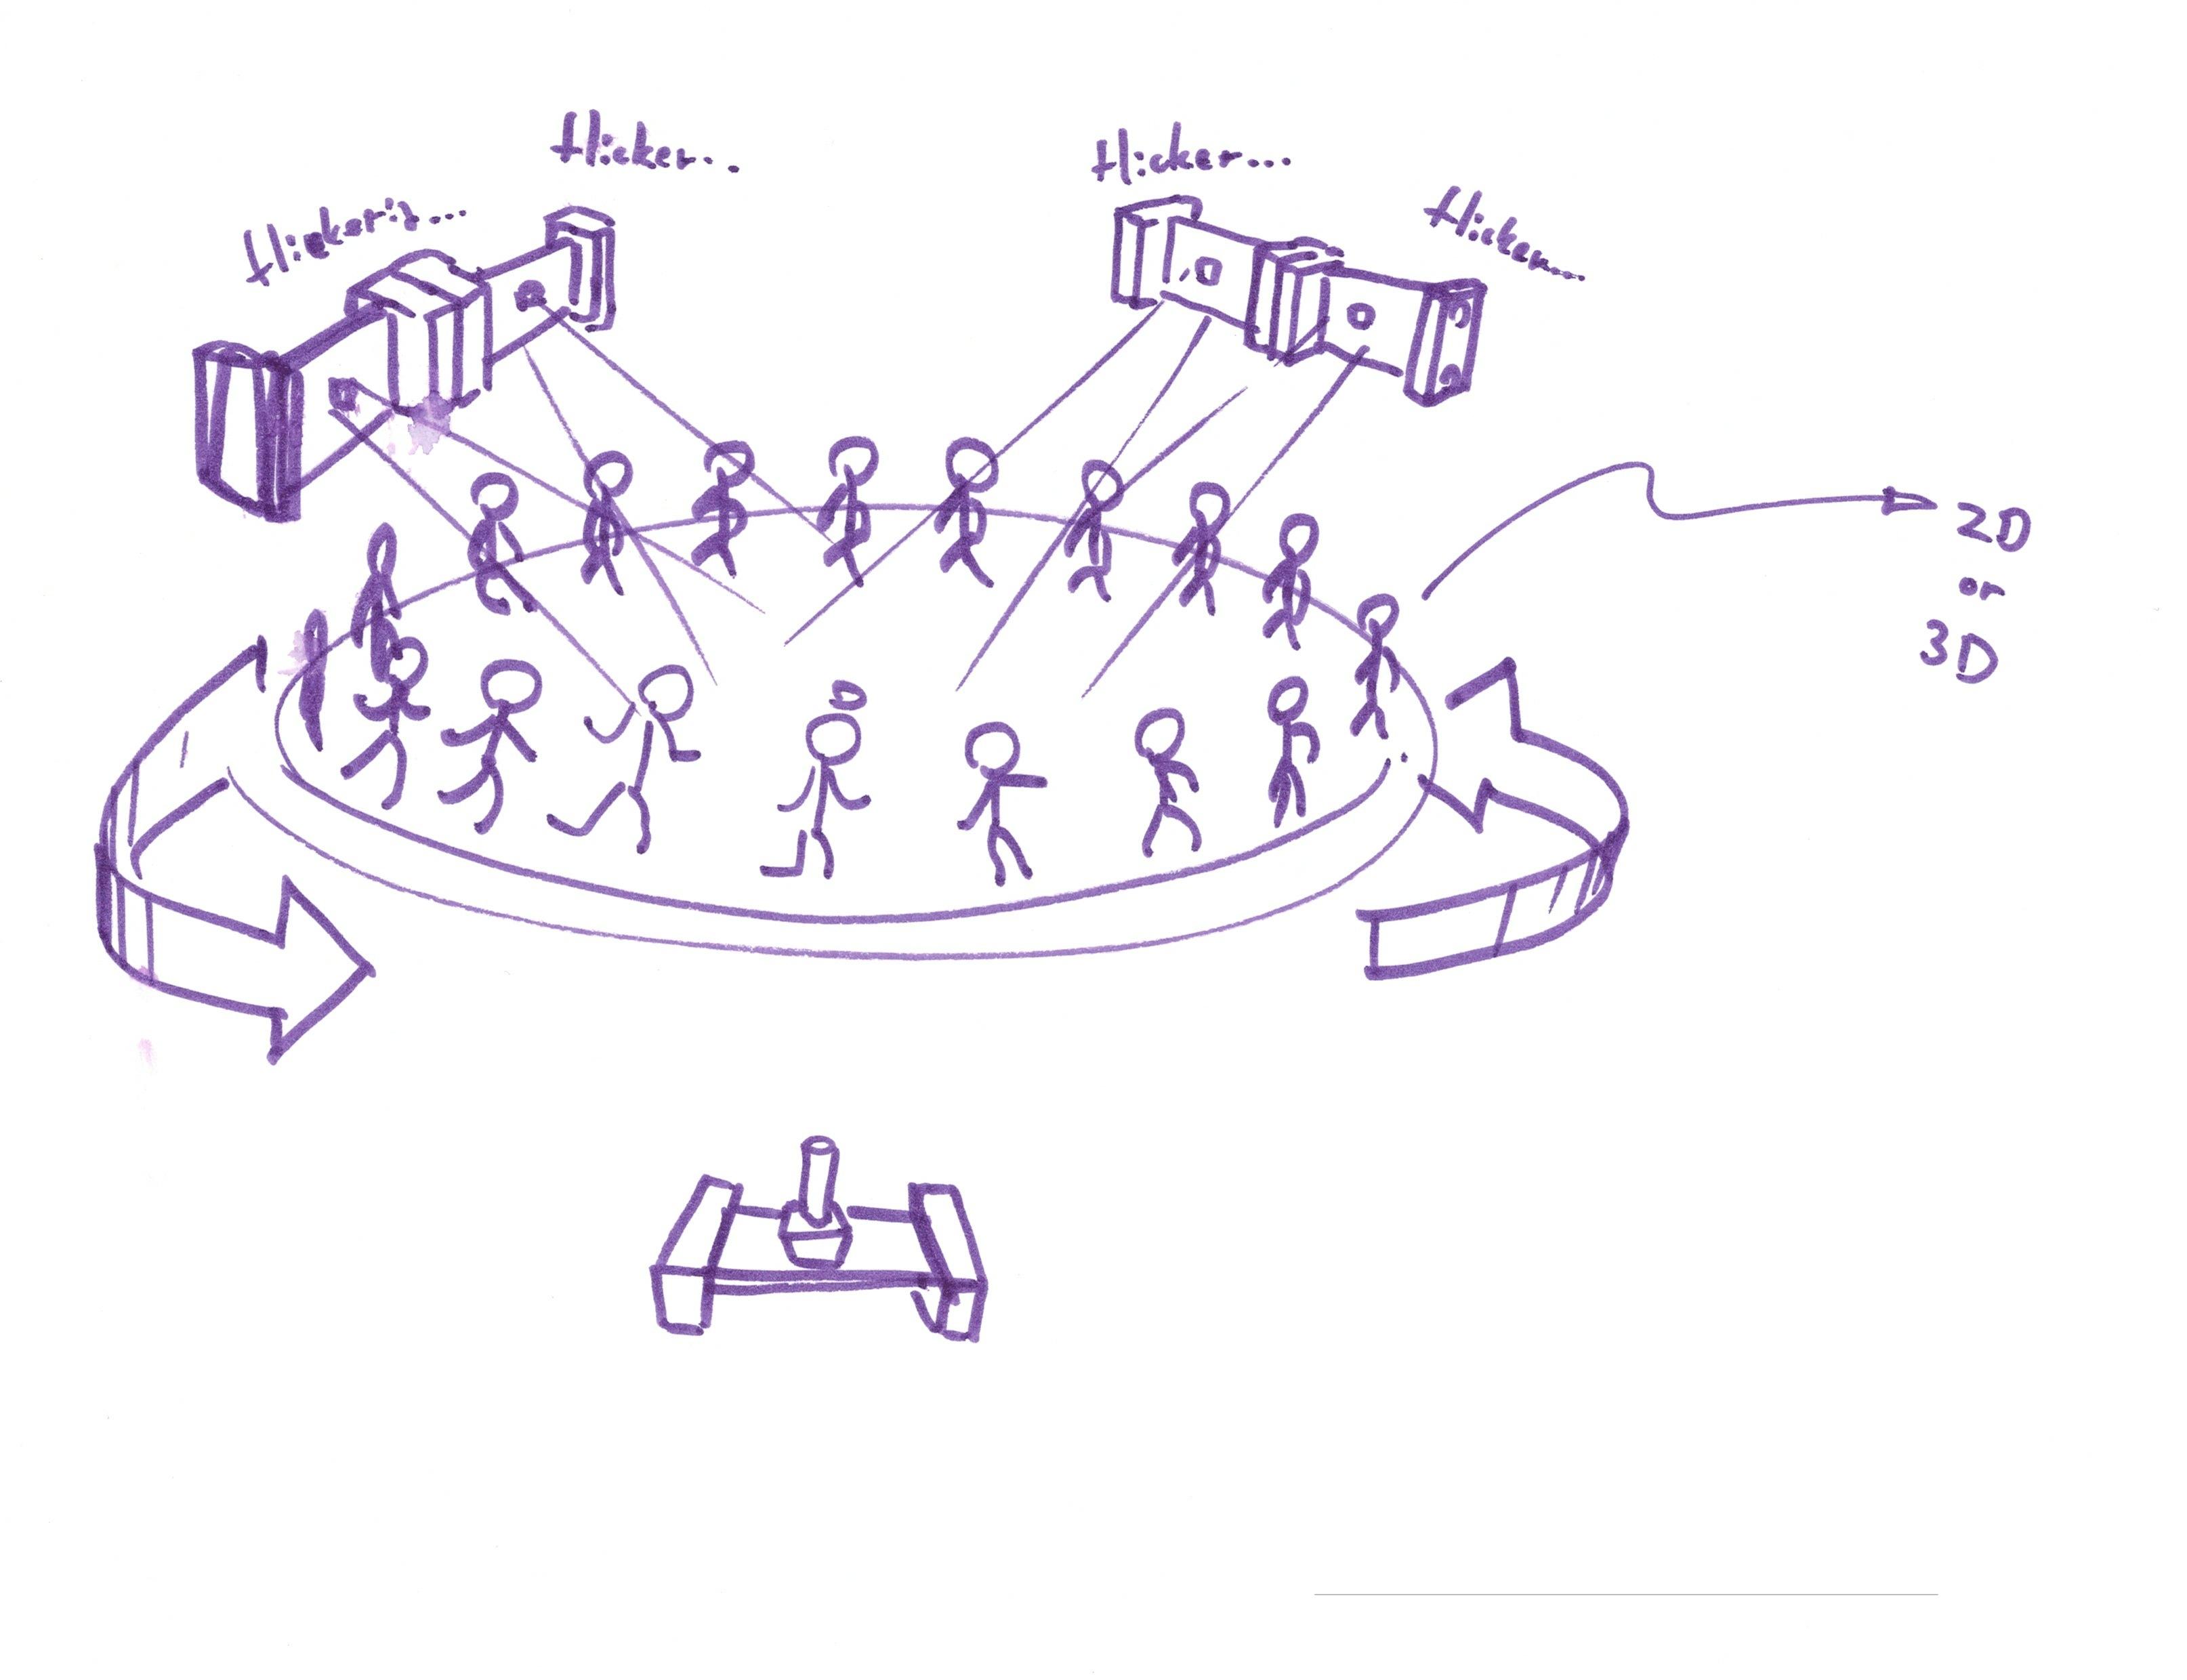 Zoetrope sketch